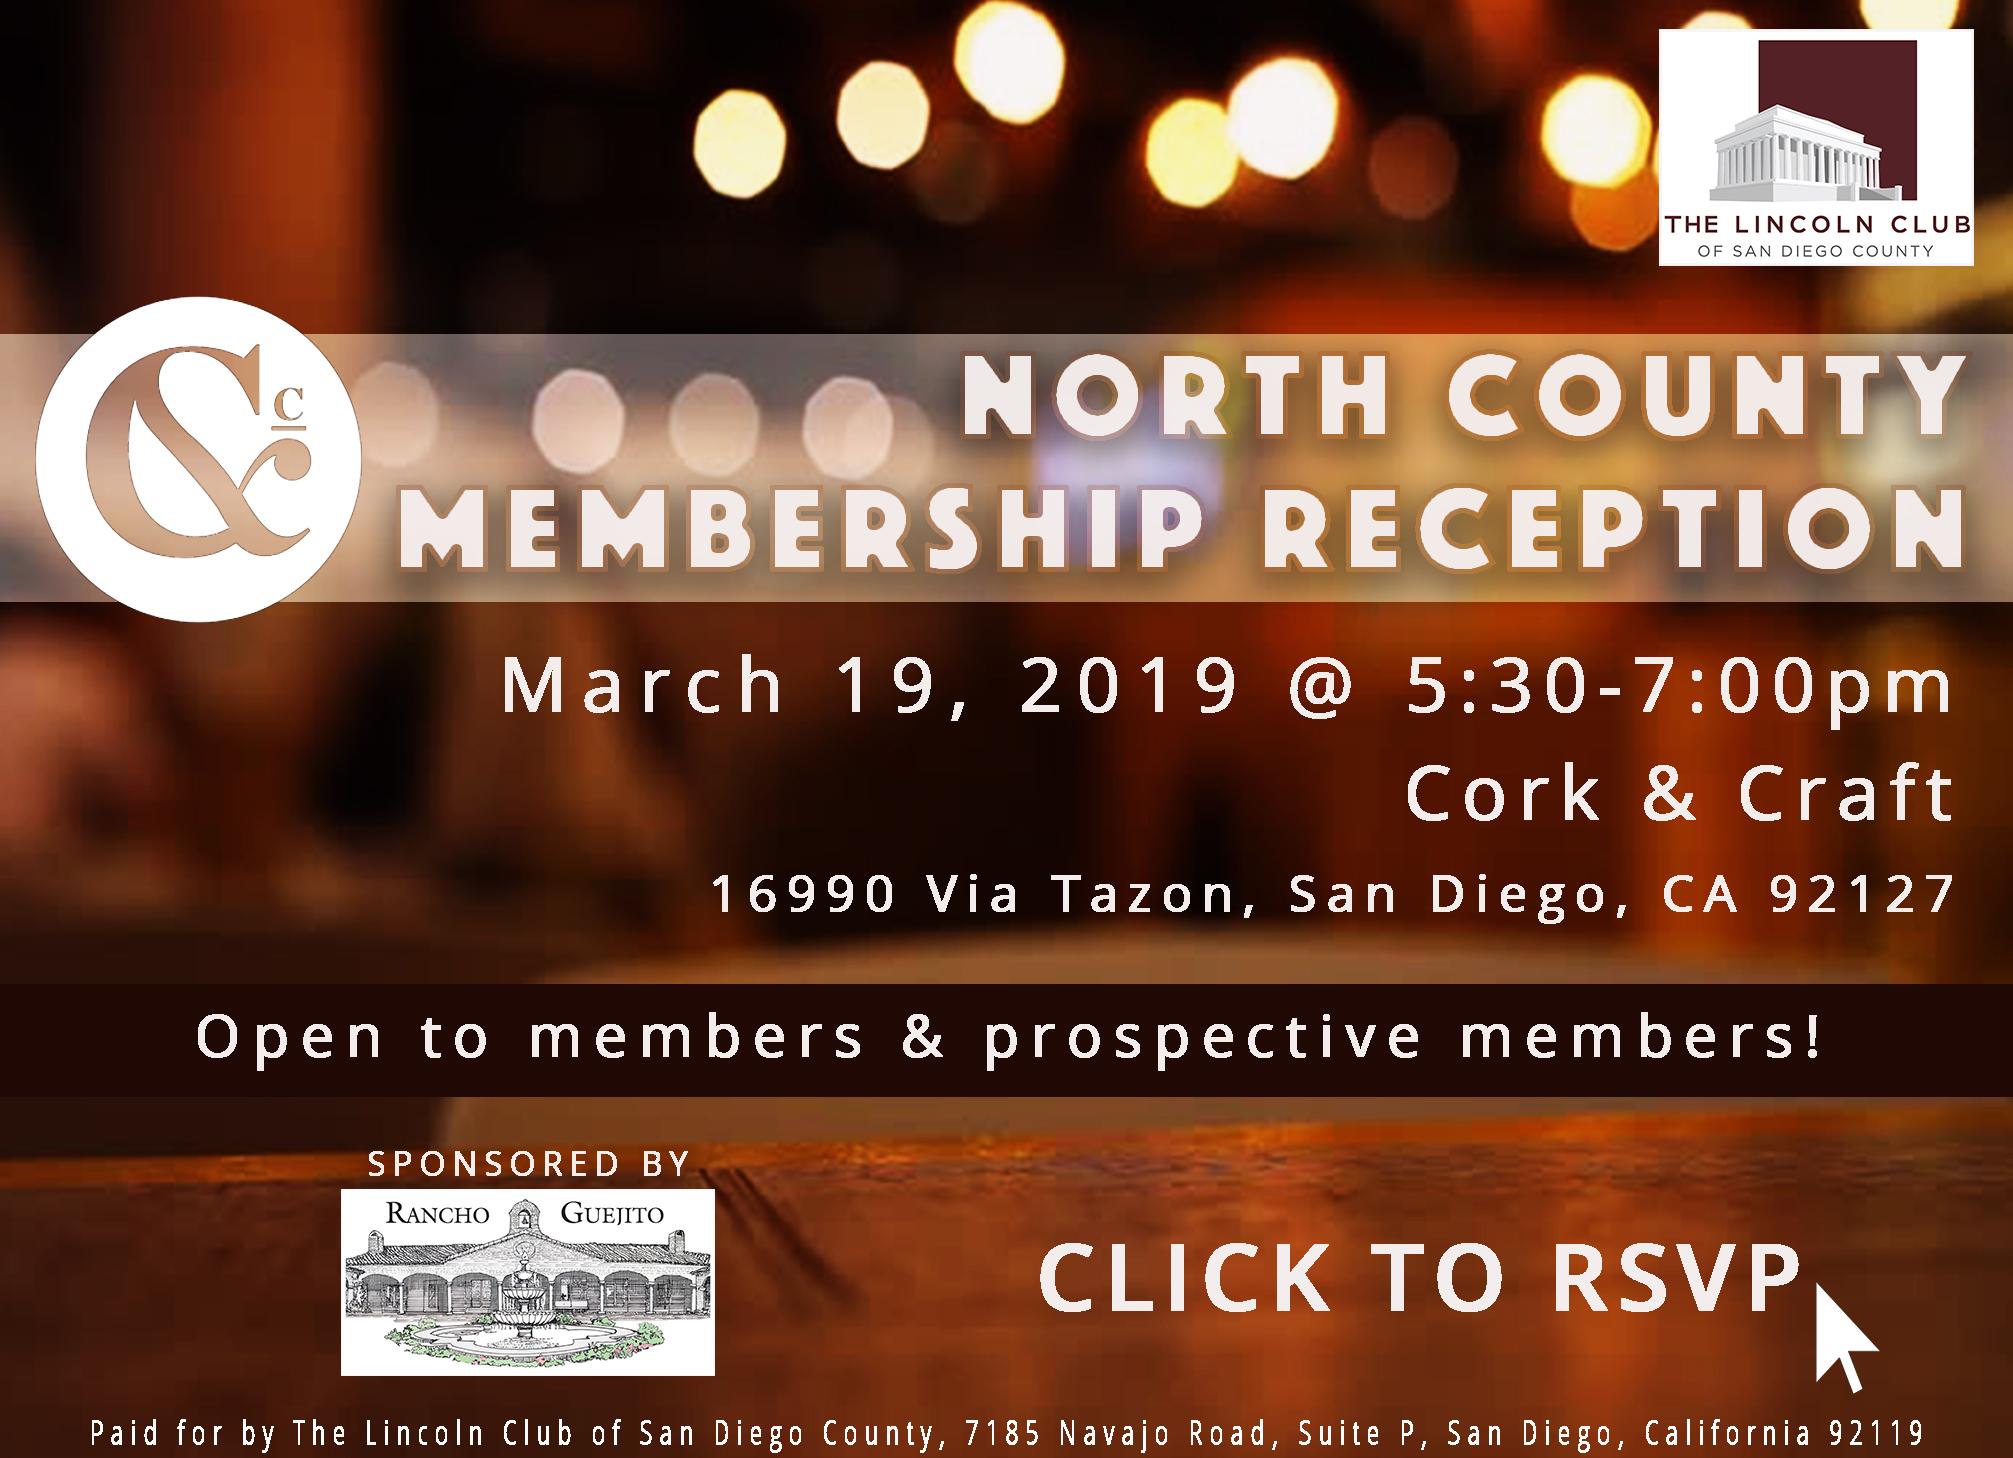 NorthCountyReceptionInvite.jpg